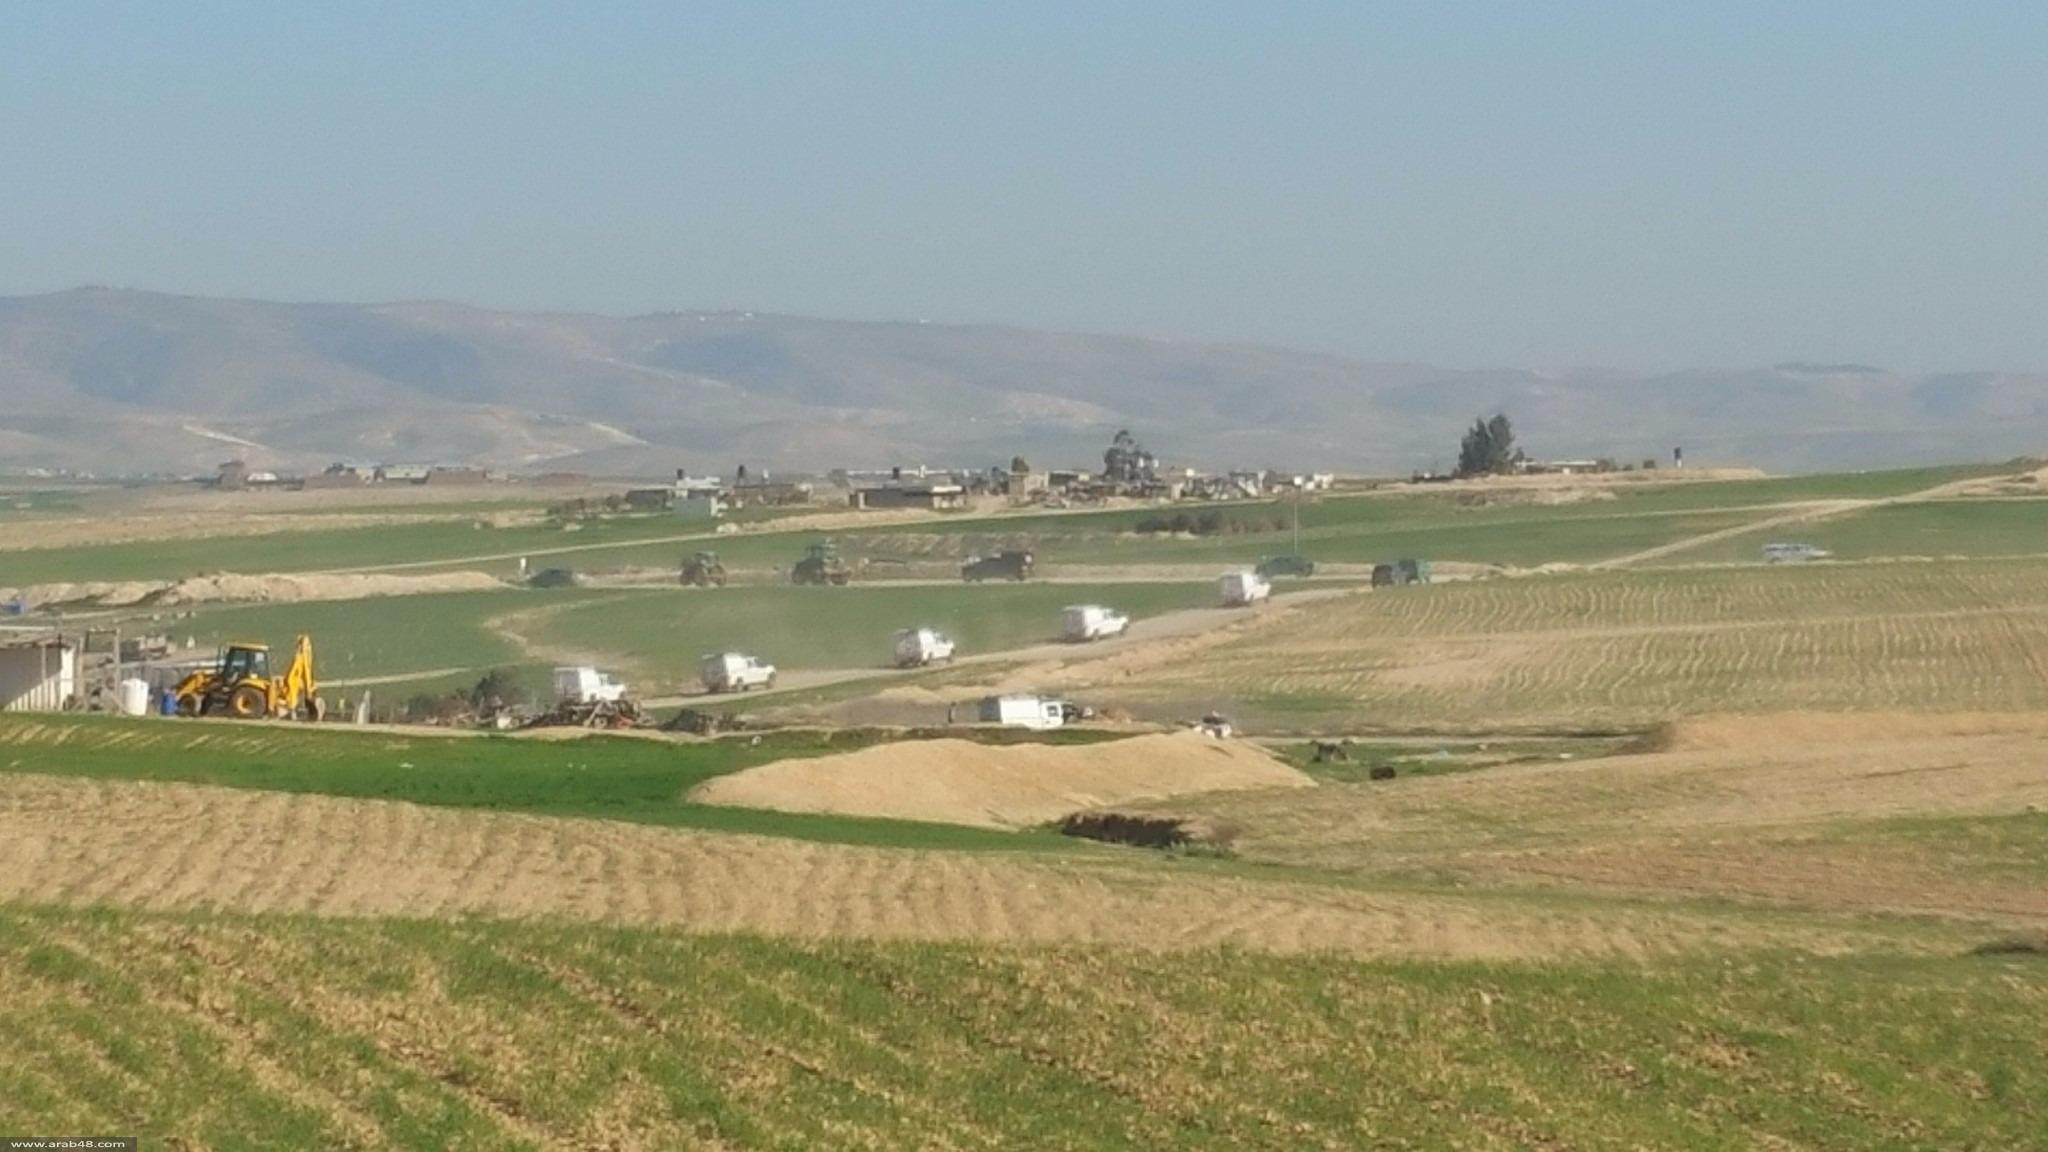 النقب: جرافات السلطات تواصل حرث الأراضي وإبادة المحاصيل